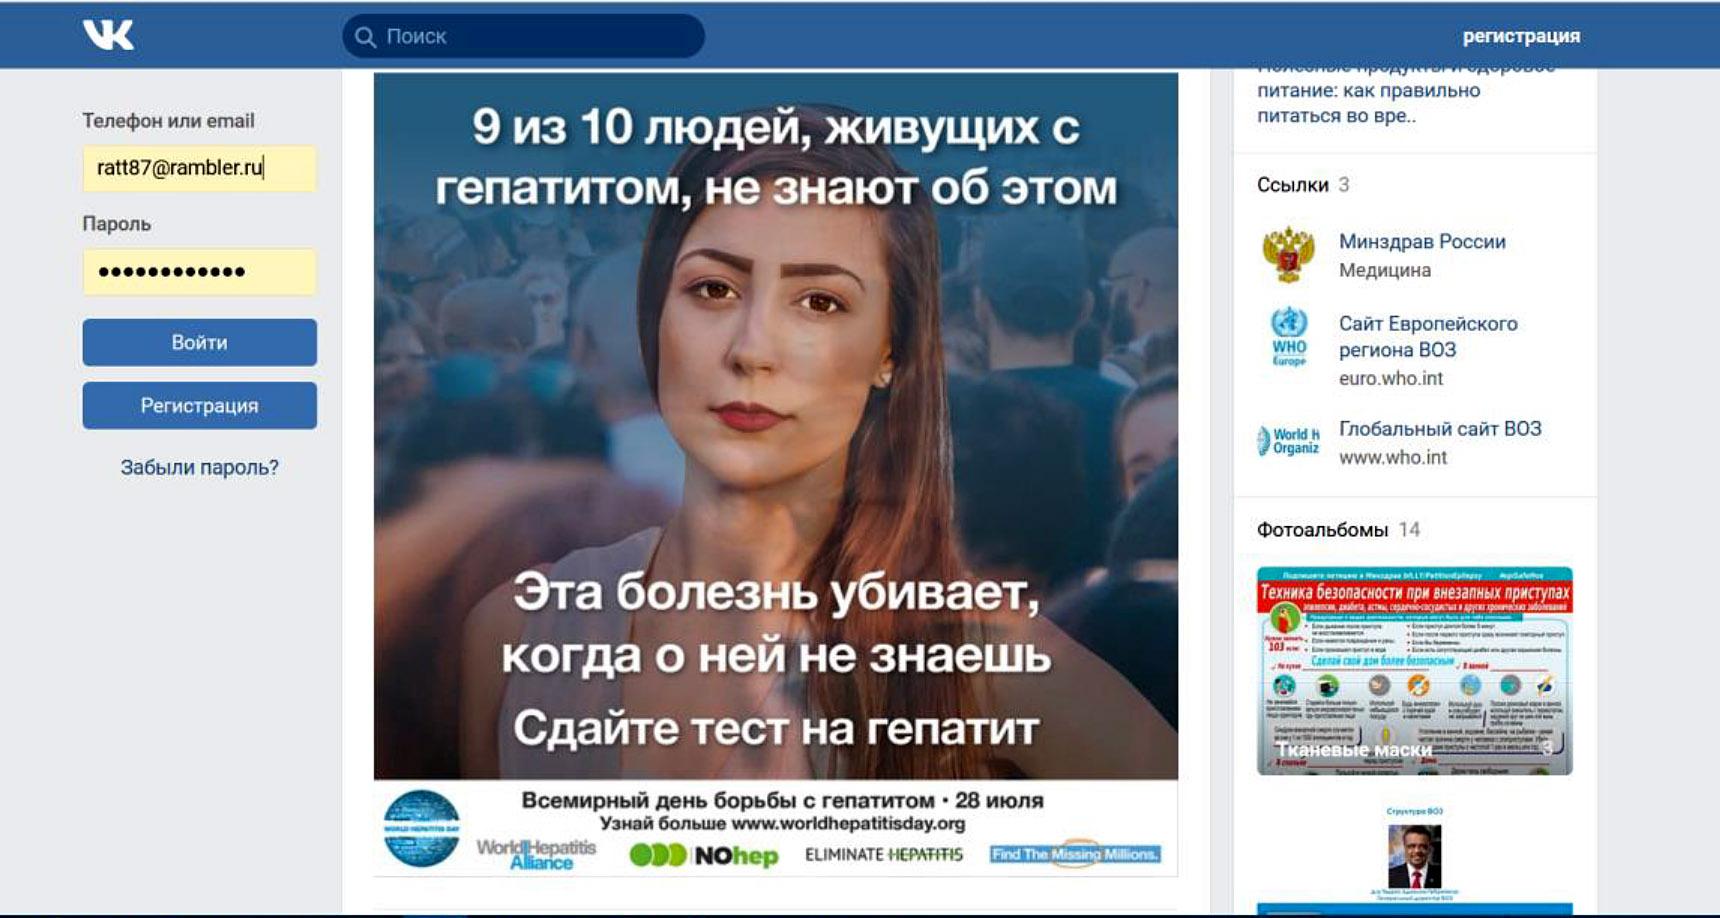 """Социальная сеть """"ВКонтакте"""" насчитывает более 70 миллионов активных пользователей в РФ и странах СНГ."""